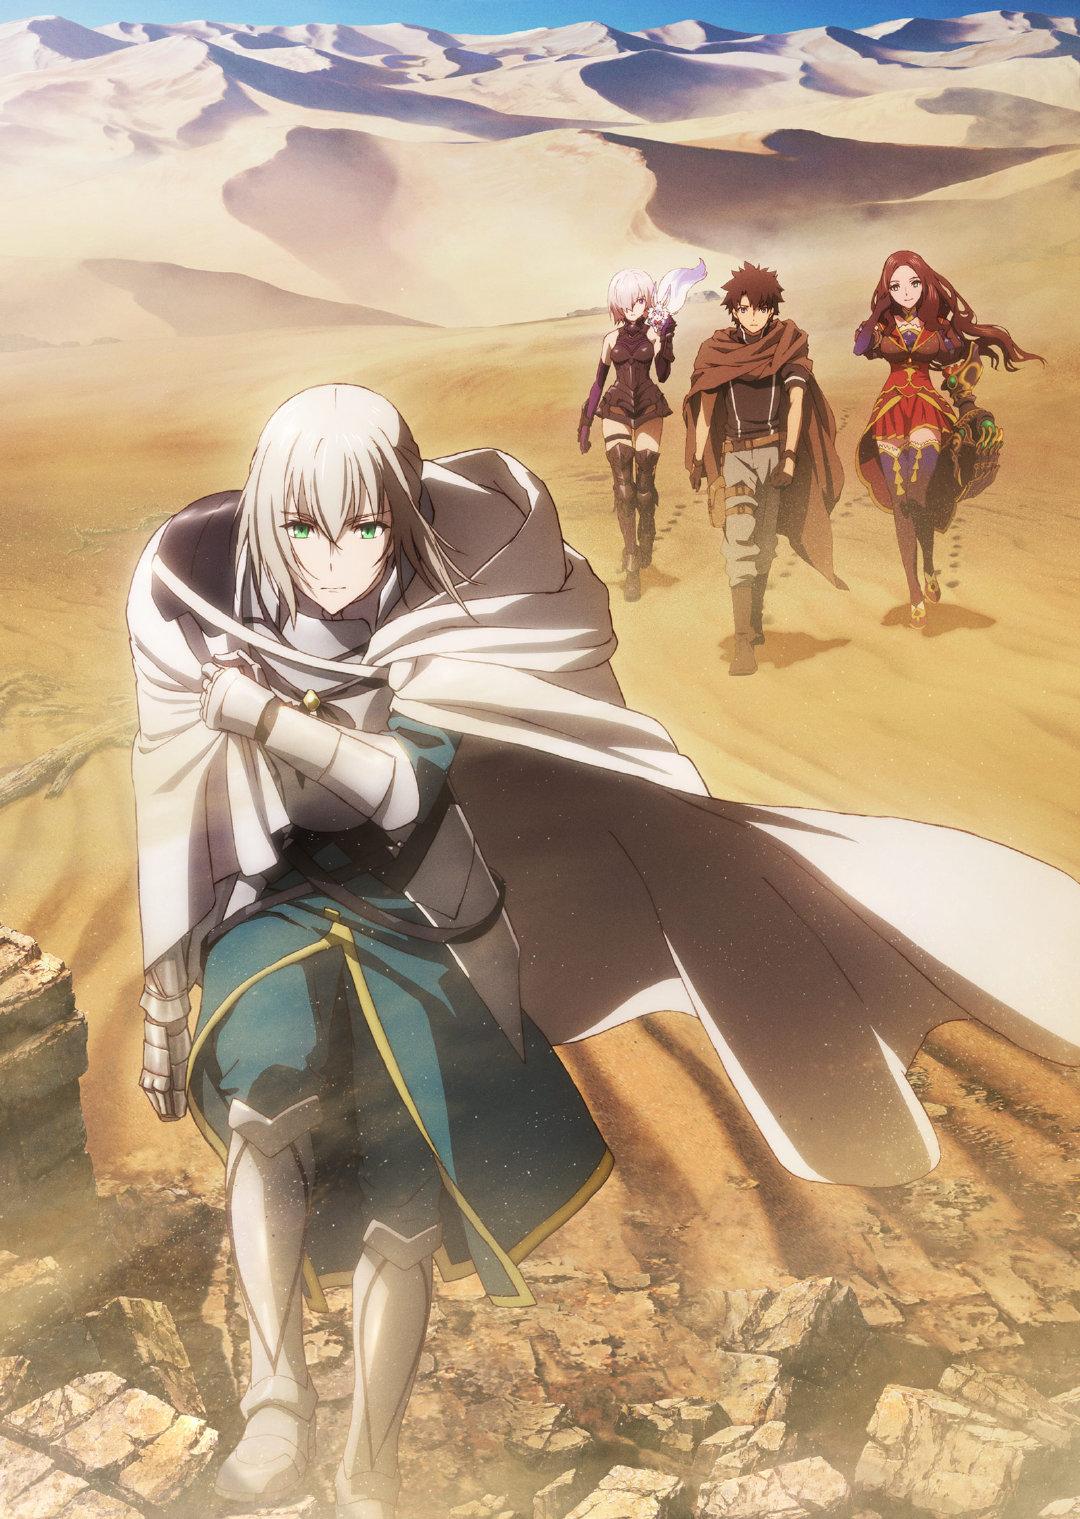 剧场版动画「Fate/Grand Order -神圣圆桌领域卡美洛-」宣布上映延期